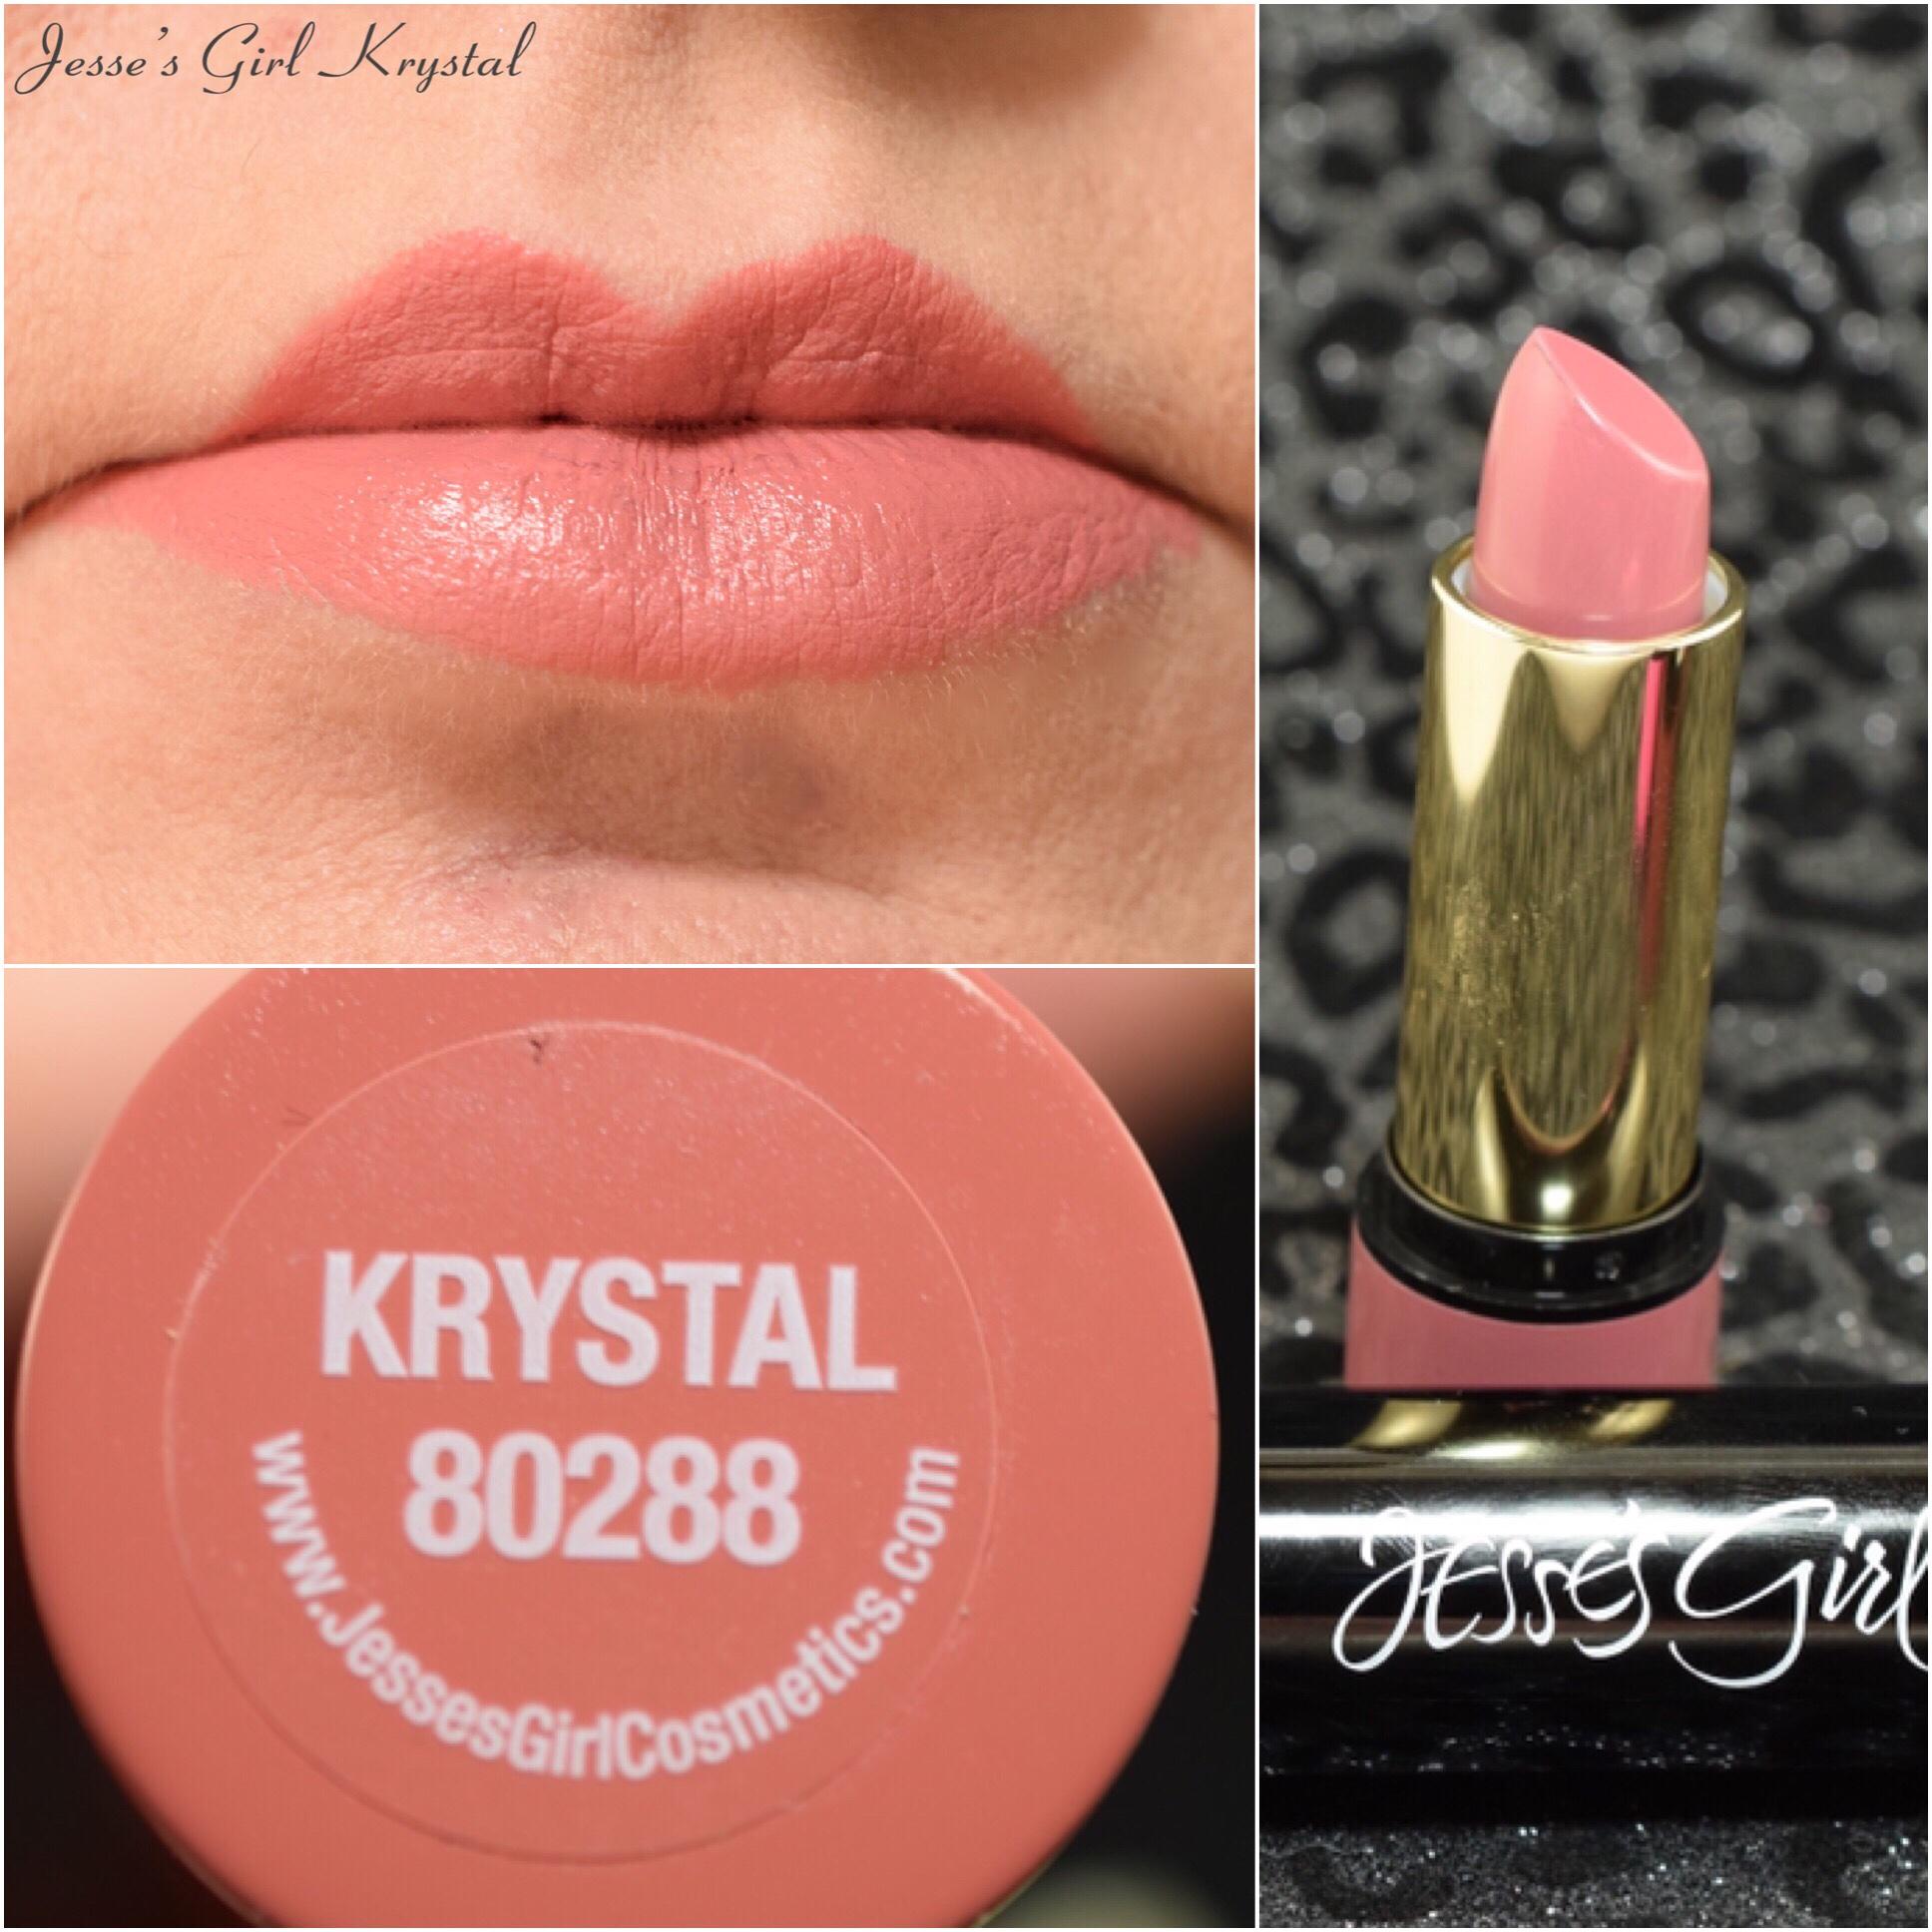 Jesse's Girl Krystal